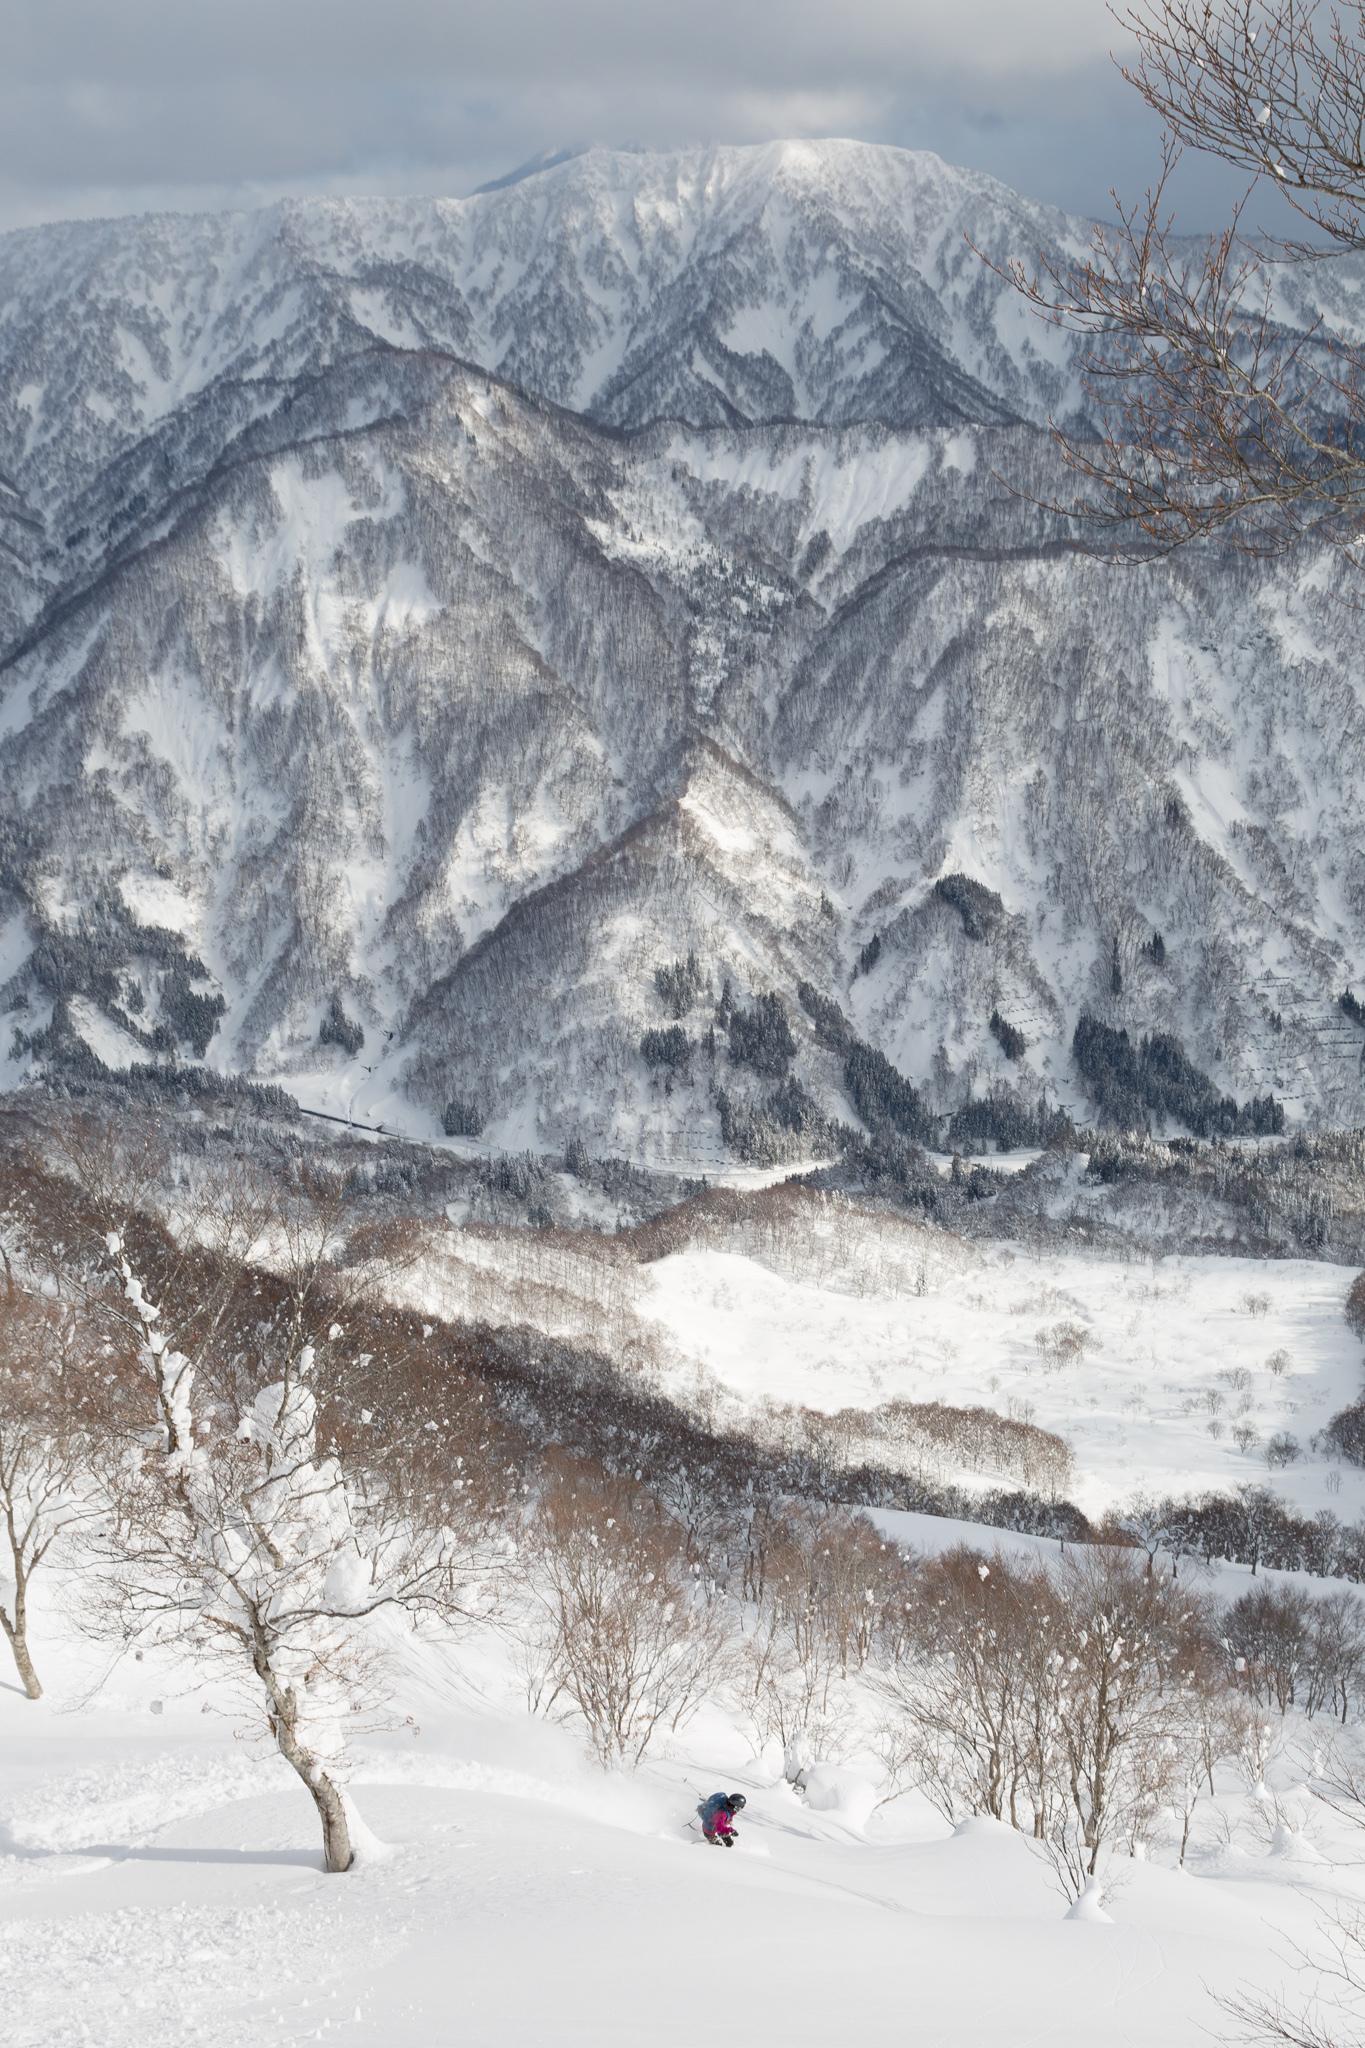 1月下旬 大渚山BC 5Dmk3